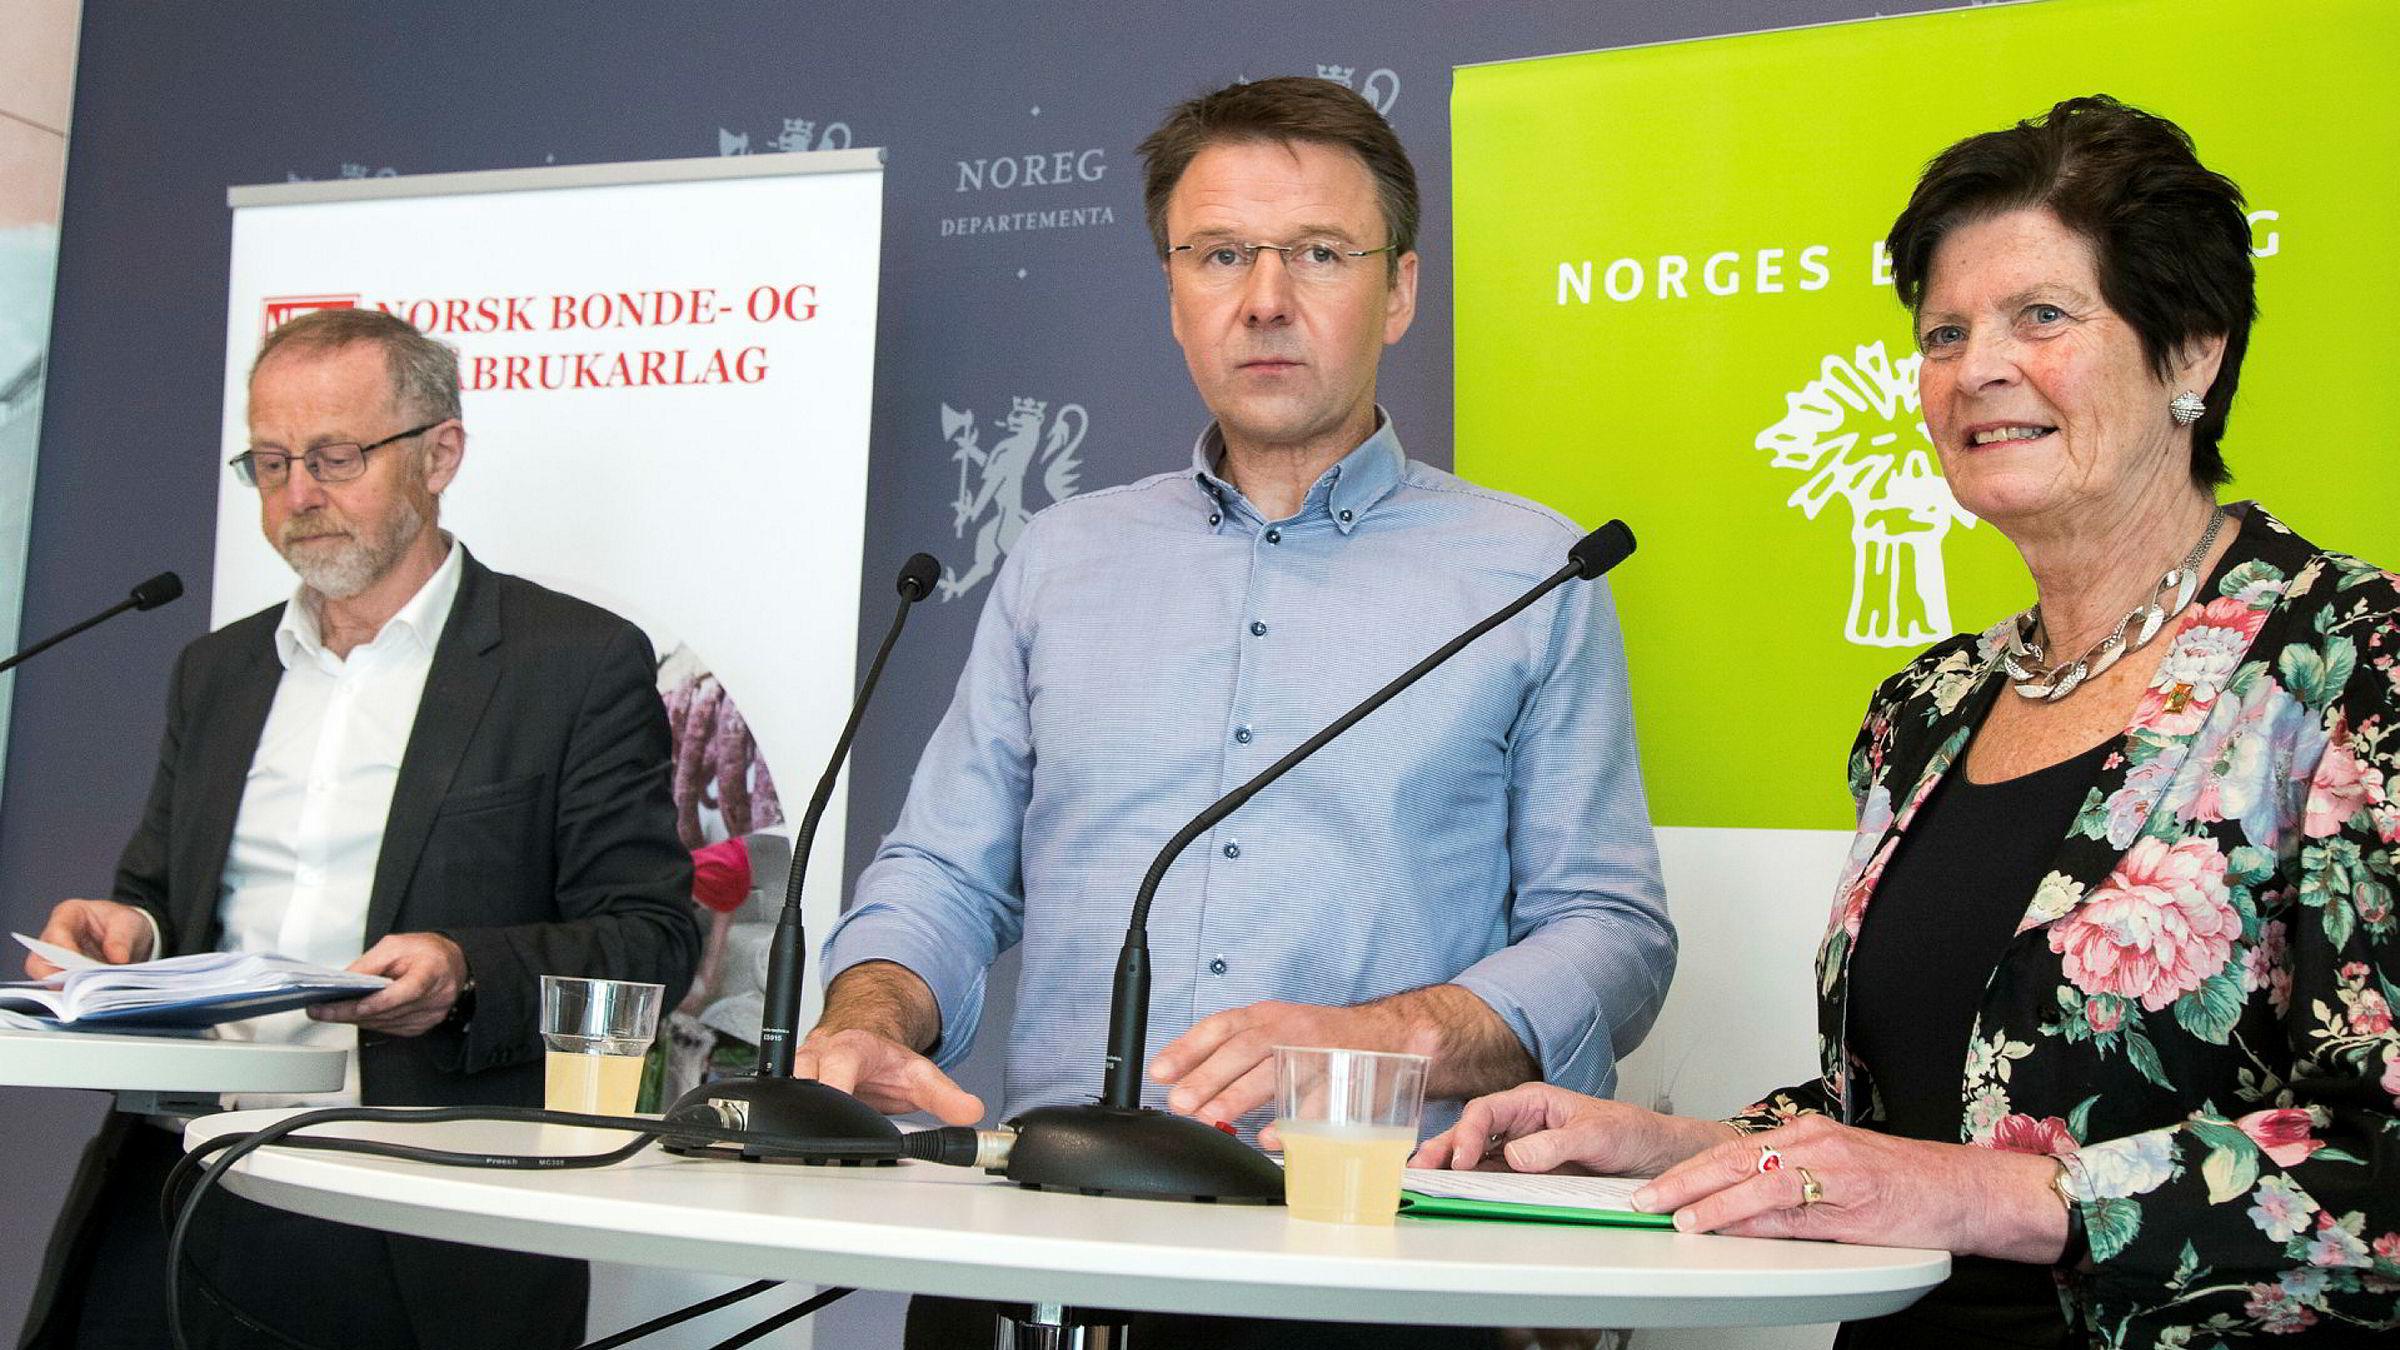 Forhandlingsleder for staten Leif Forsell (t.v.), leder i Norges Bondelag Lars Petter Bartnes og leder i Norsk Bonde- og Småbrukarlag Merete Furuberg holdt pressekonferanse da organisasjonene overleverte sine krav til jordbruksoppgjøret i slutten av april.